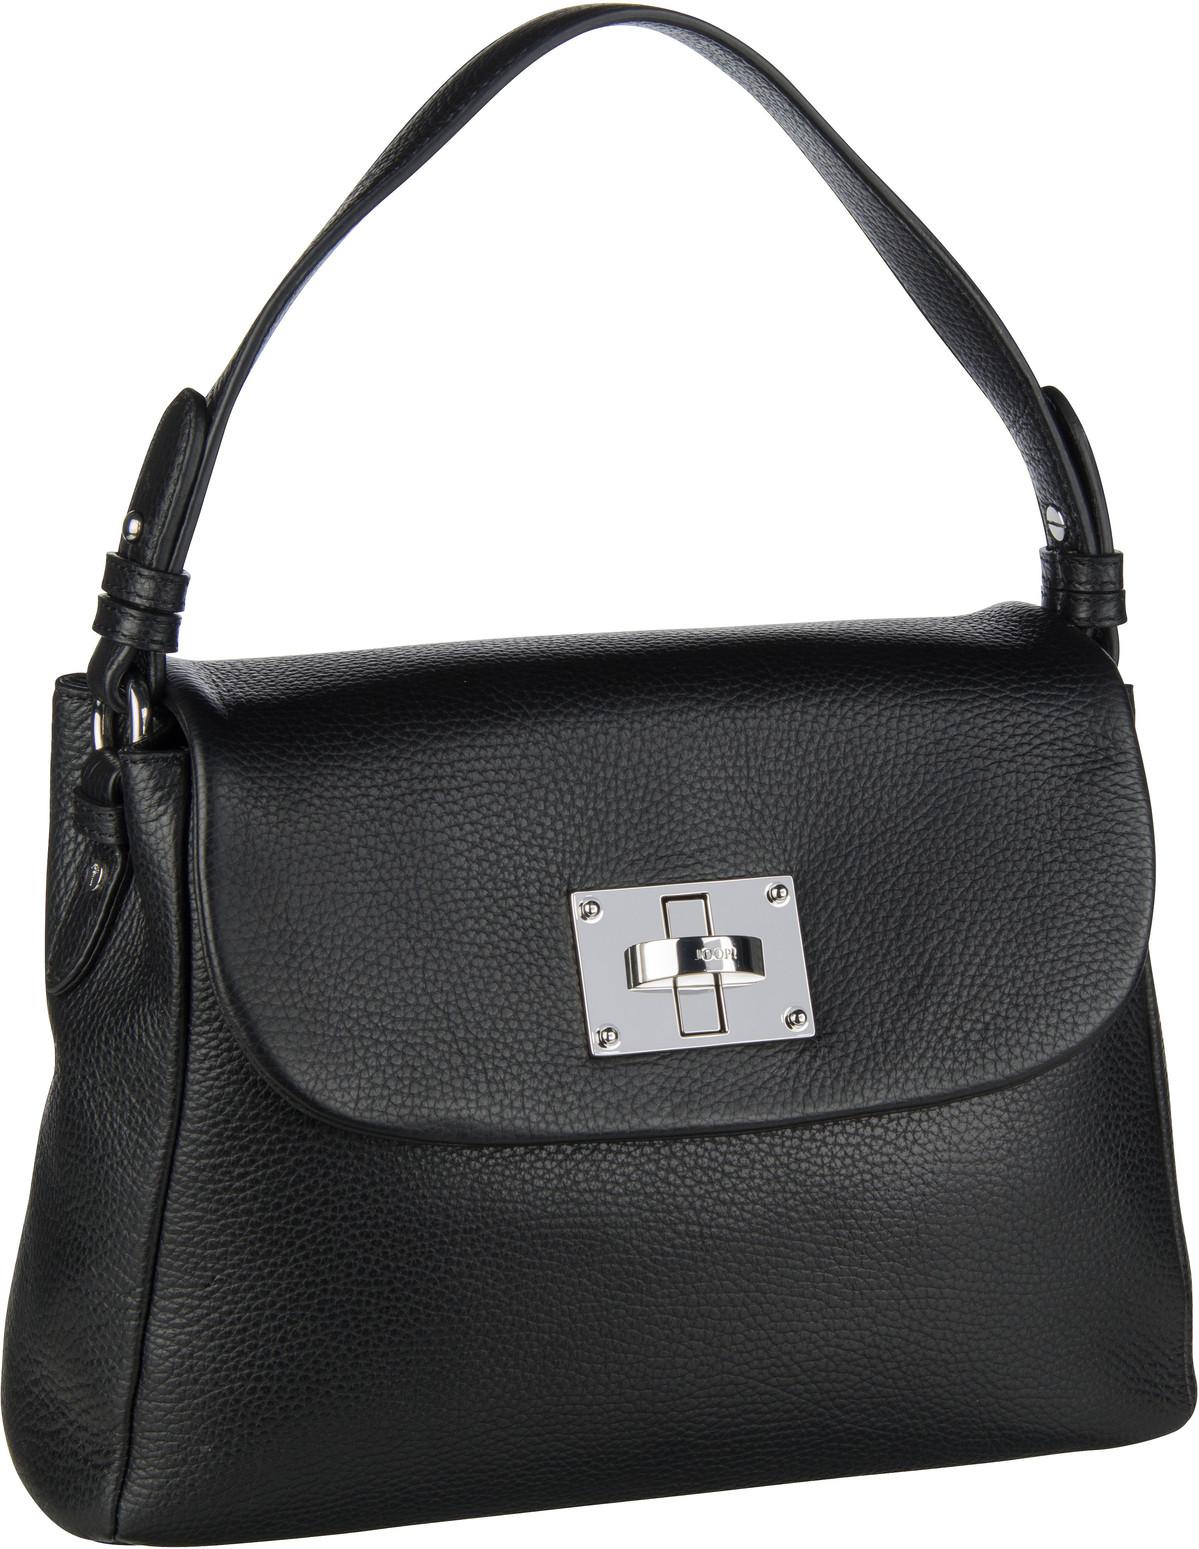 Handtasche Chiara Mila ShoulderBag MHF Black